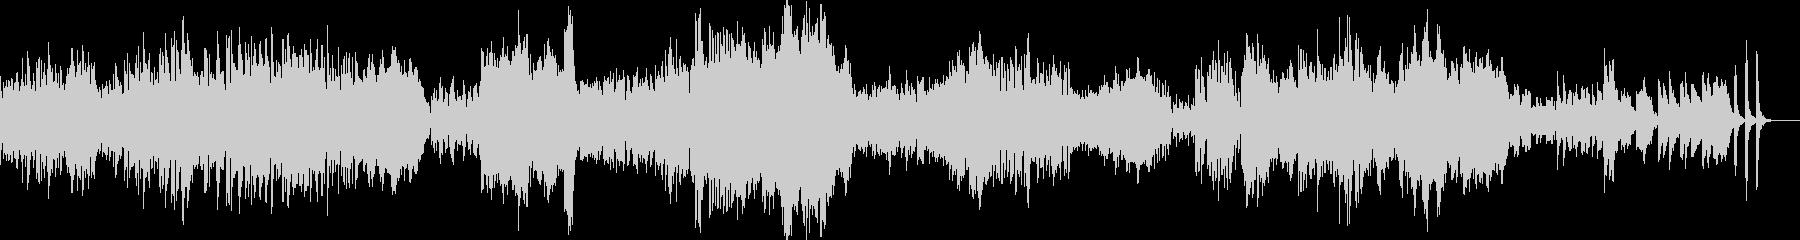 ドビュッシーの人気曲、パスピエです。の未再生の波形